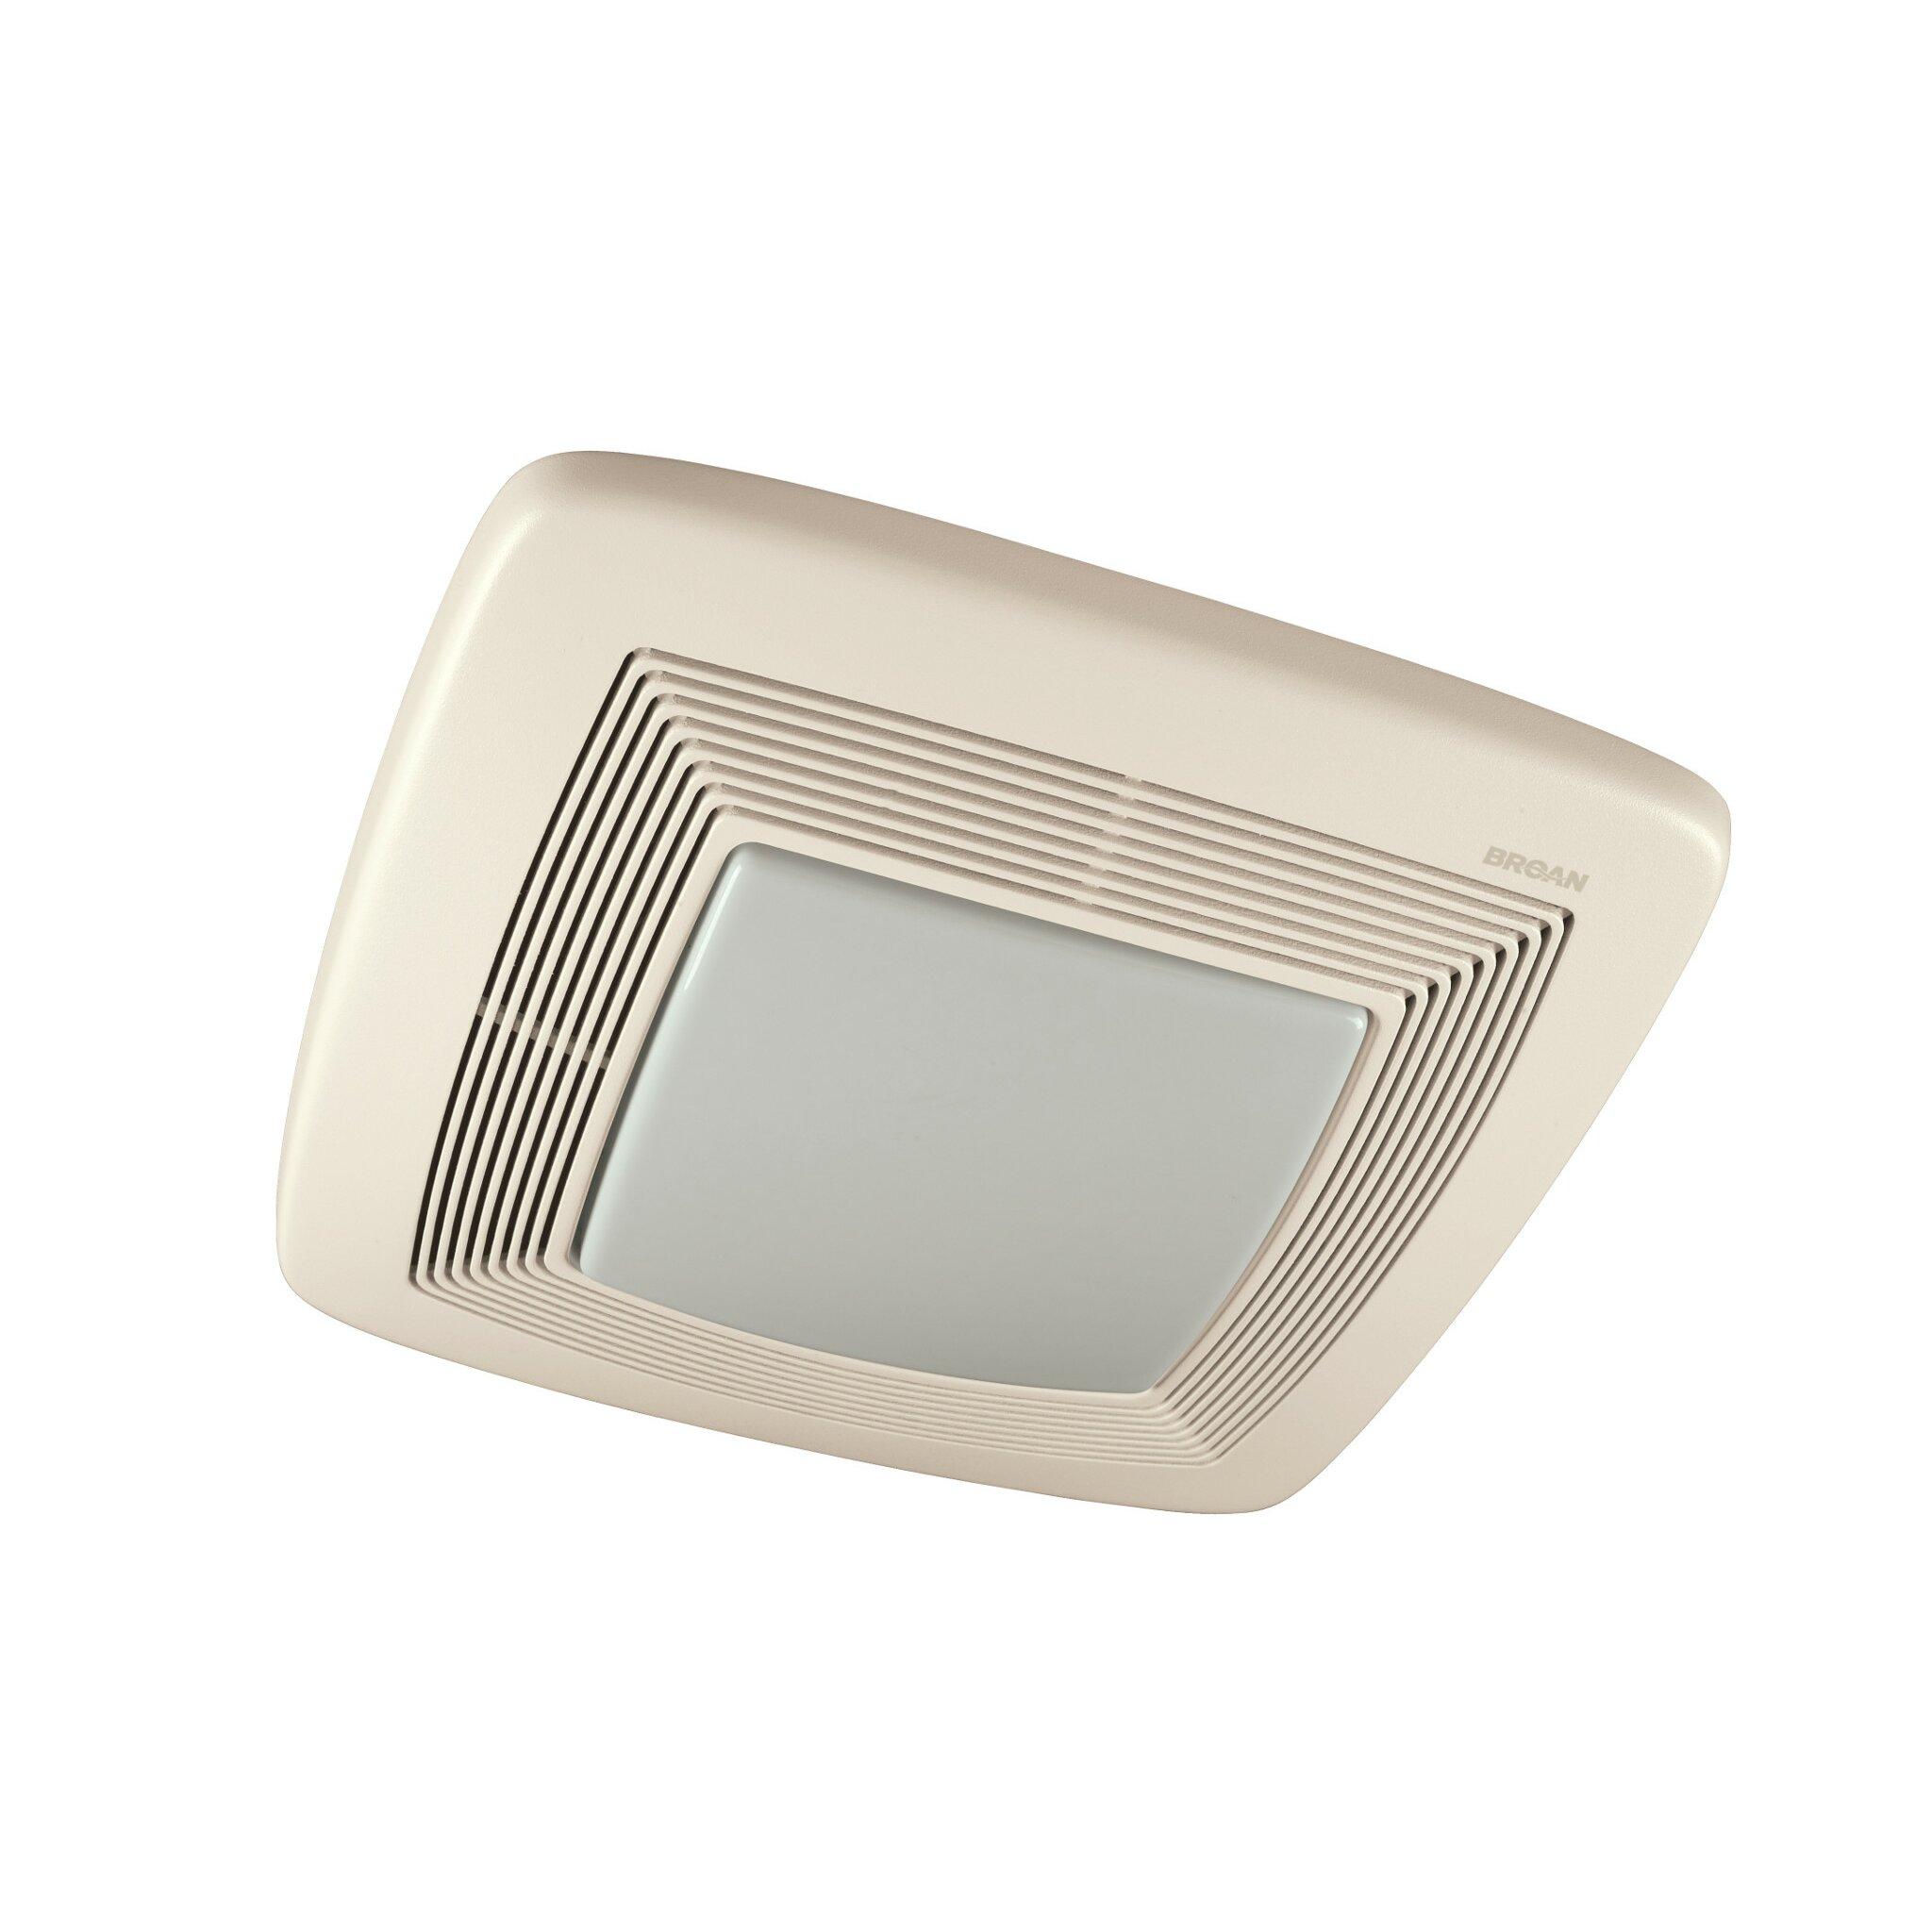 Quietest bathroom exhaust fan - Broan Ultra Silent 150 Cfm Energy Star Quietest Bathroom Exhaust Fan